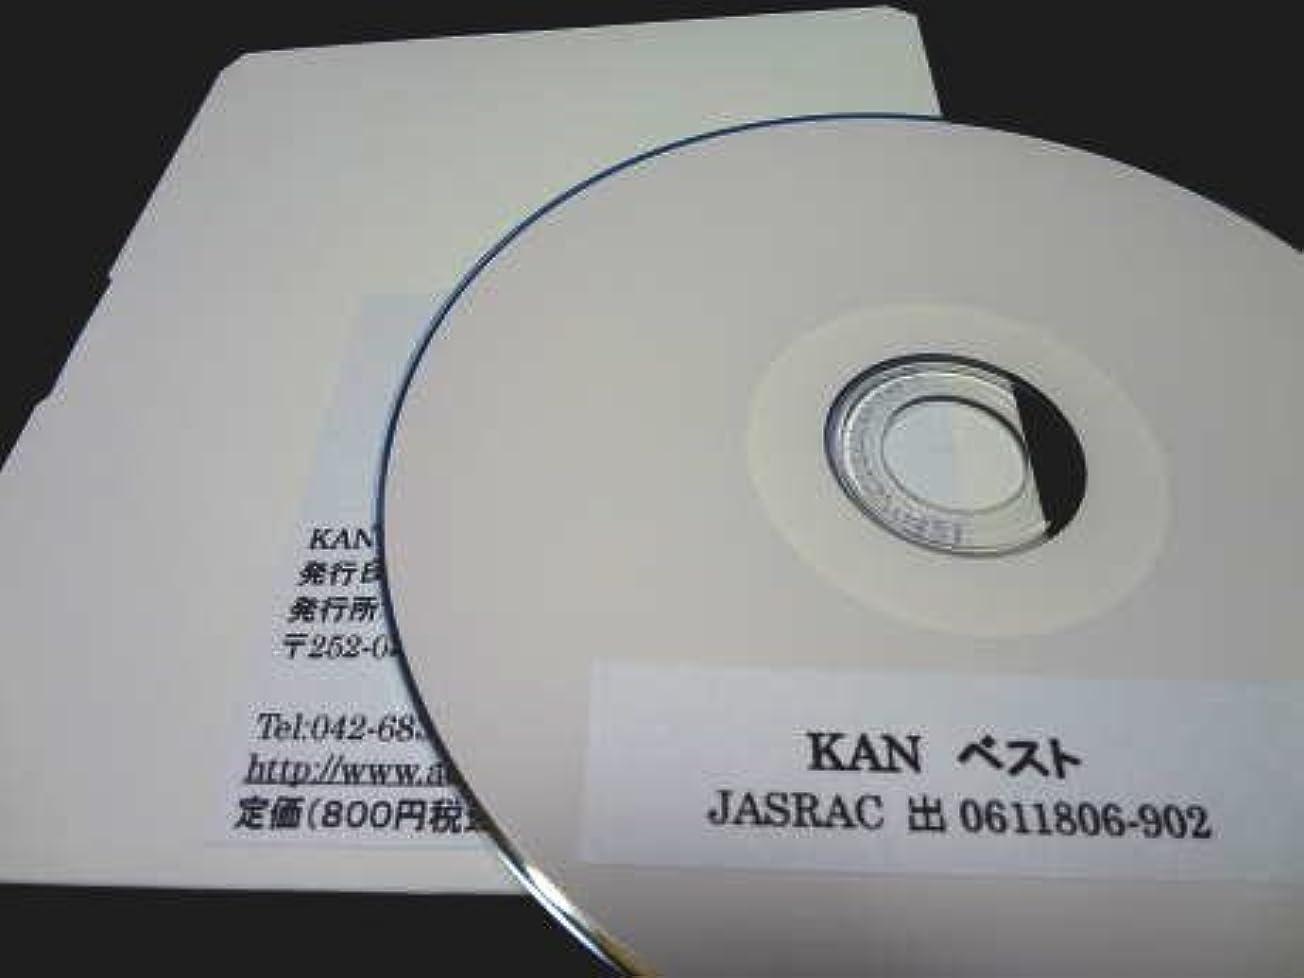 勃起すり減るソビエトギターコード譜シリーズ(CD-R版)/KAN(カン) ベスト(全47曲収録)